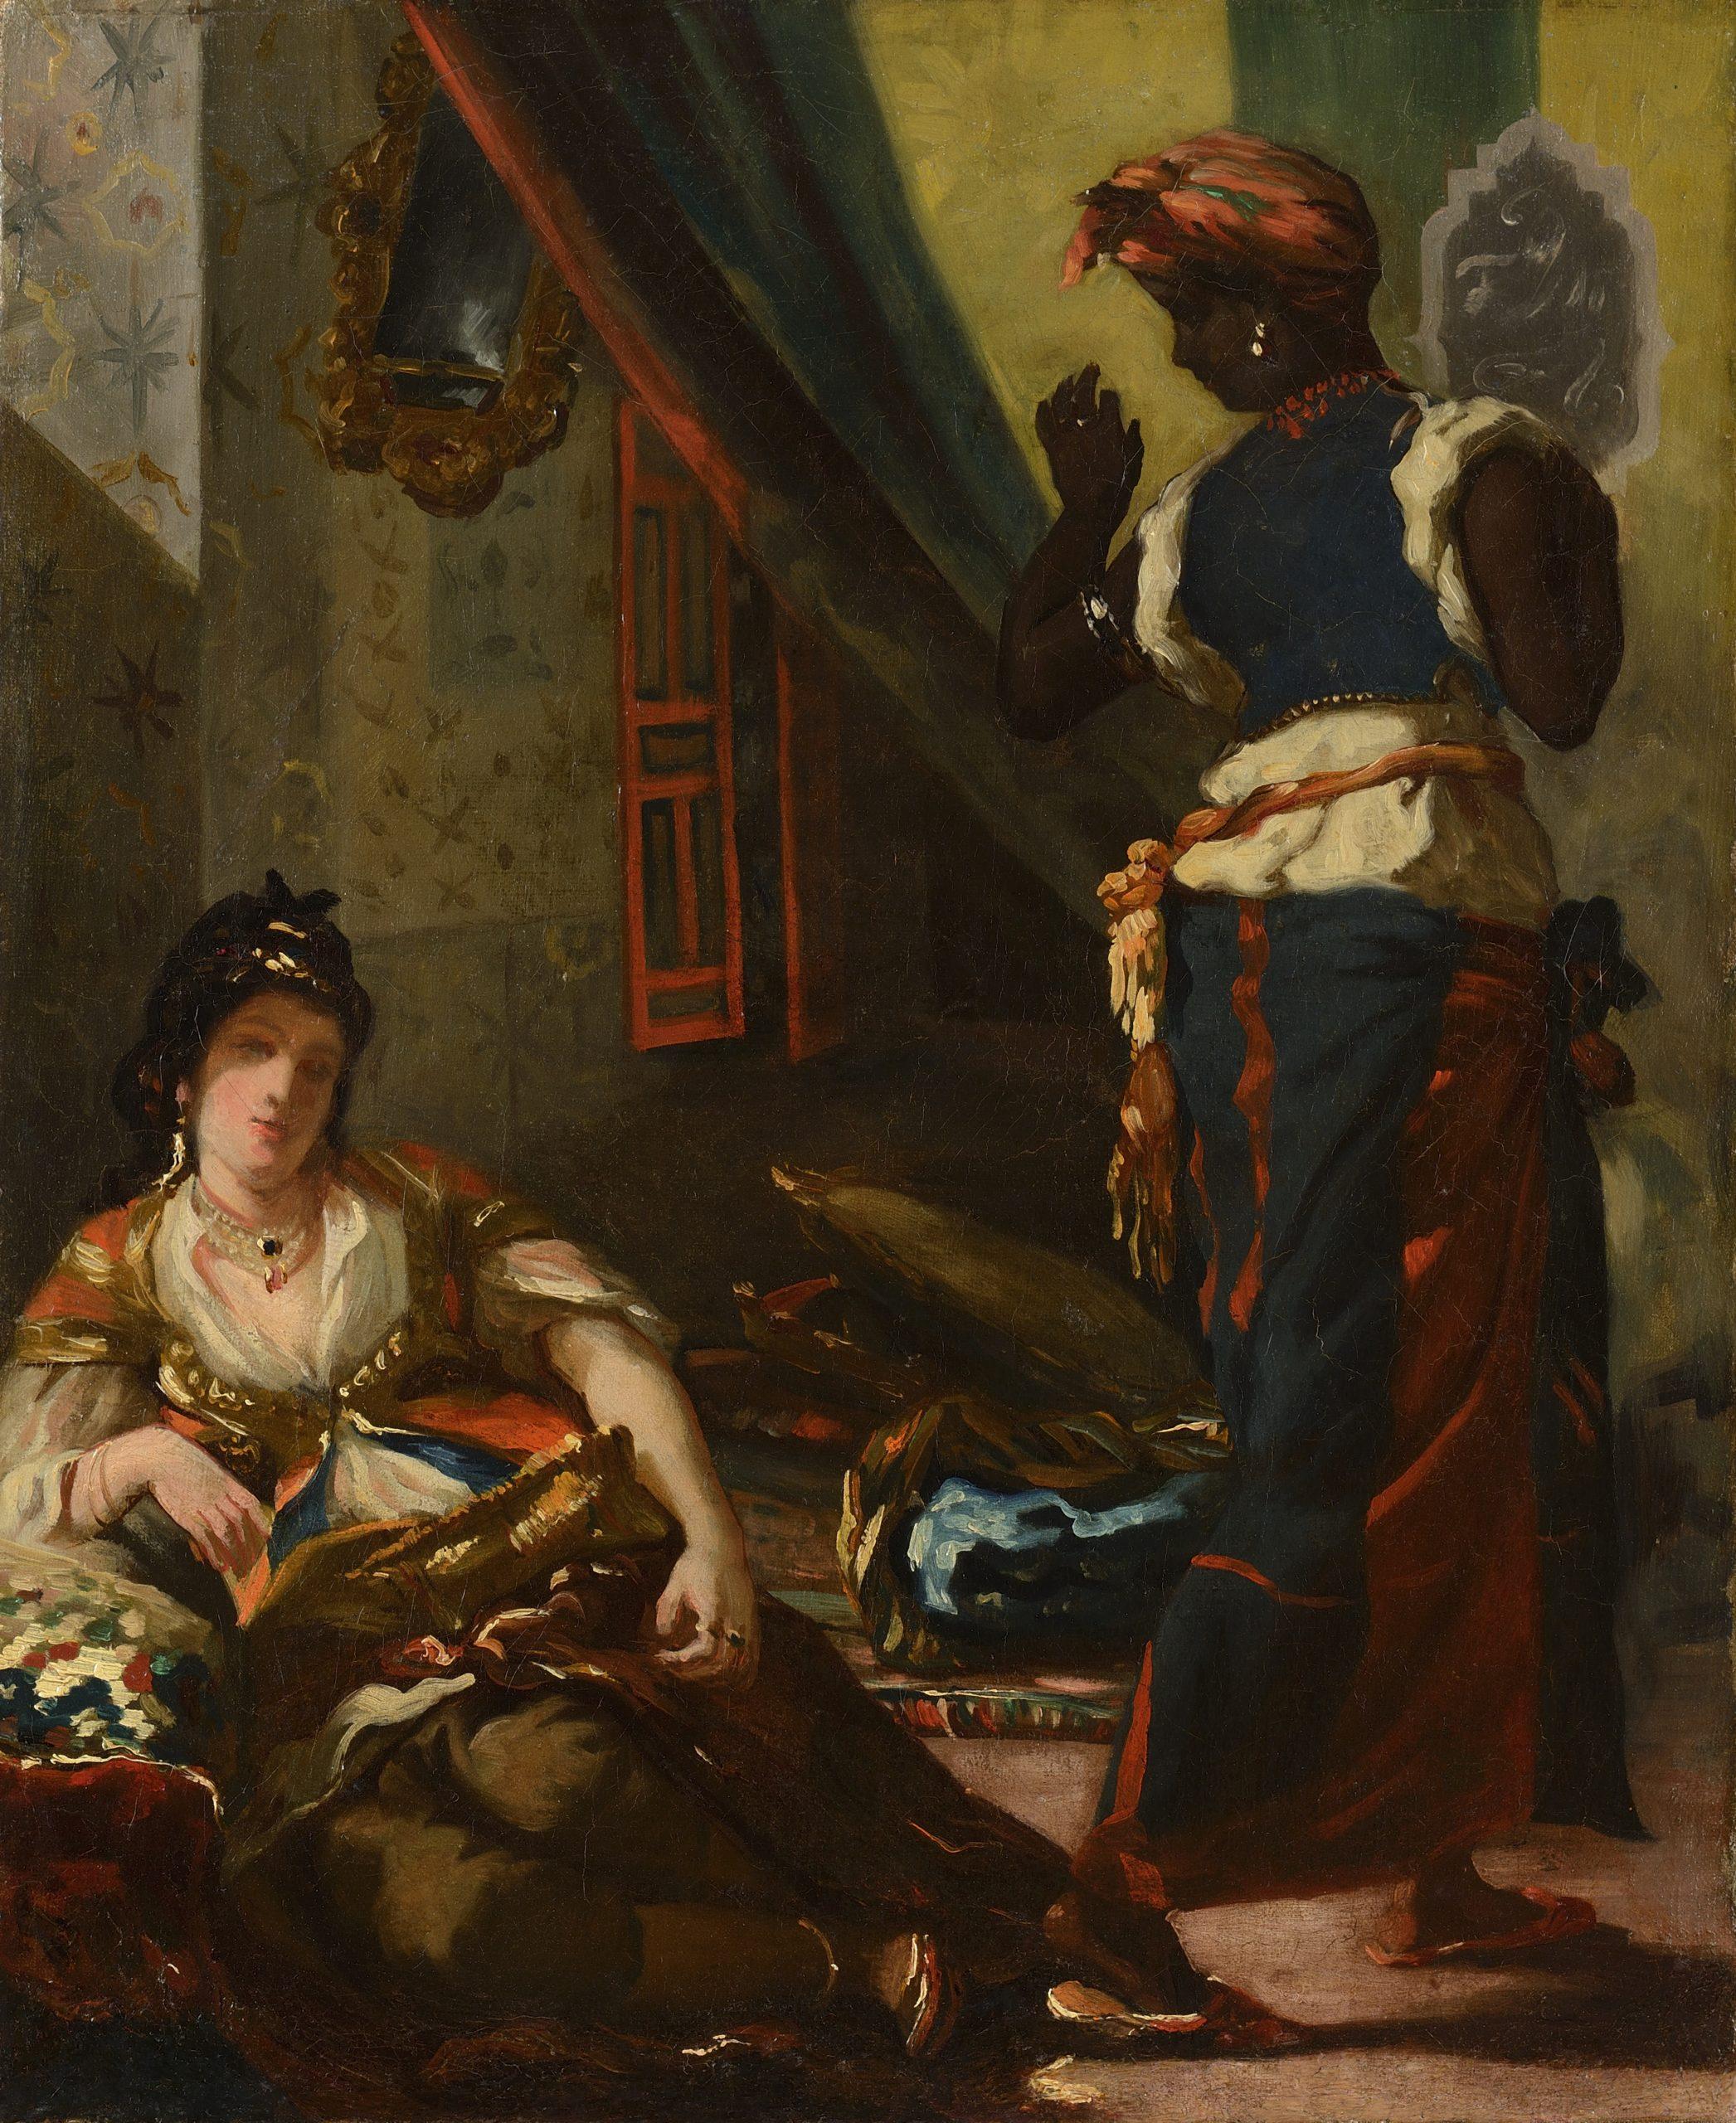 Aquarelle Femmes d'Alger. Eugène Delacroix, Feuille d'étude pour les Femmes d'Alger, 1833-1834, aquarelle, Brême, Kunsthalle, copyright: Kunsthalle de Brême.